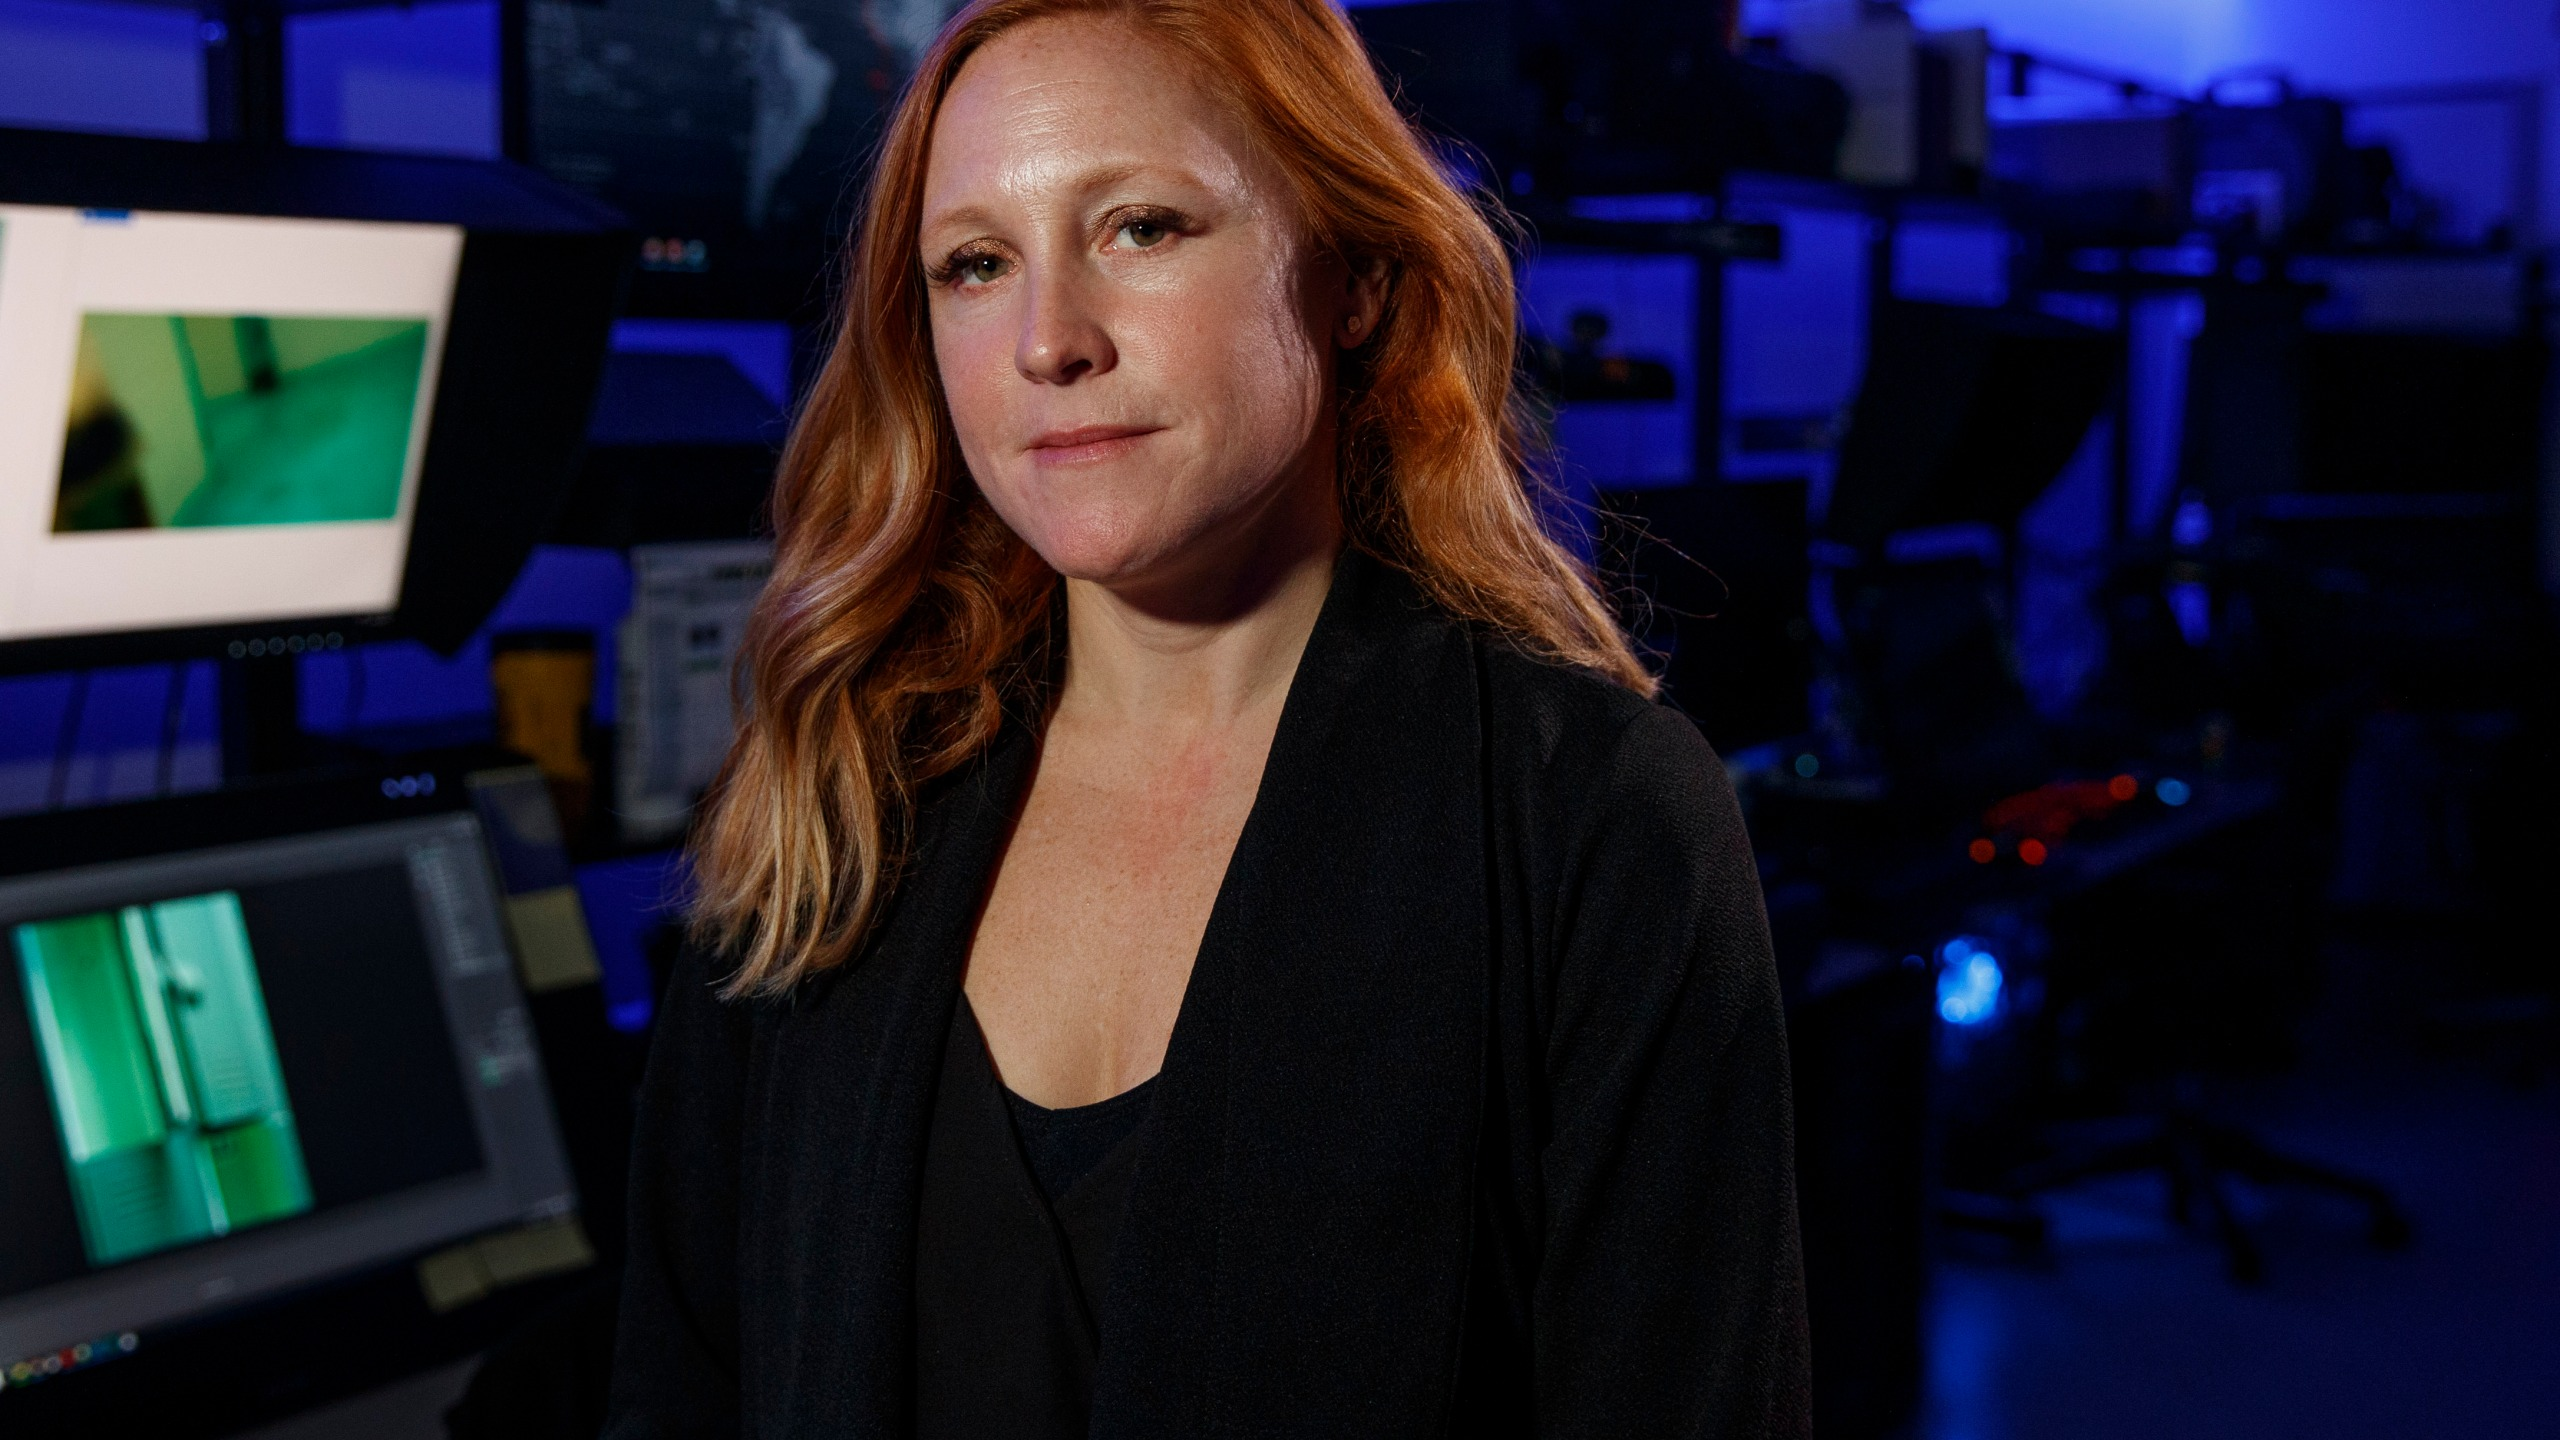 Erin Burke